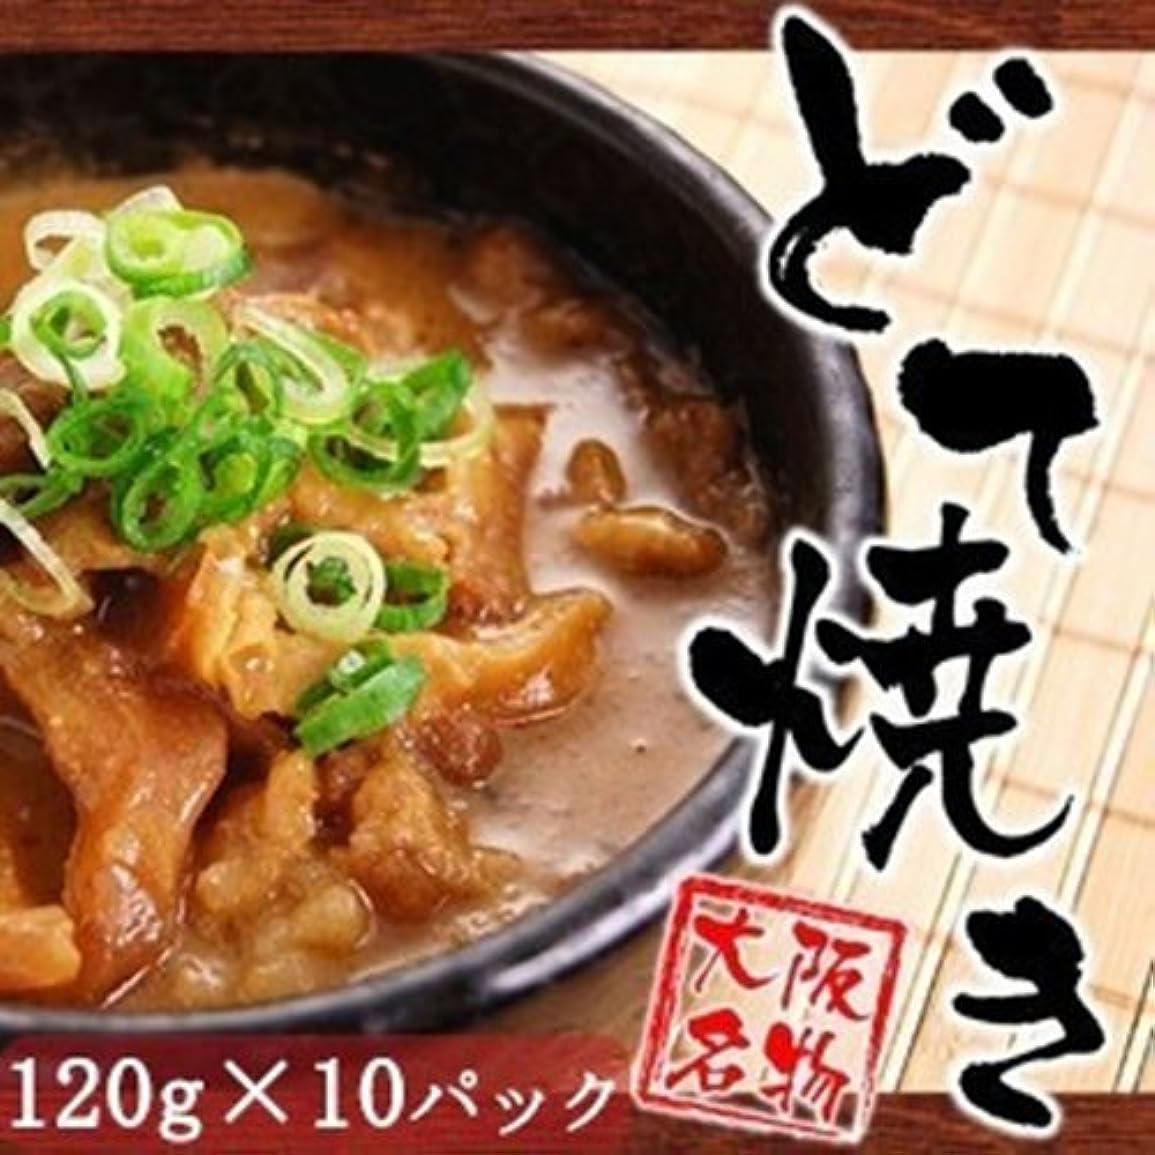 マインドにもかかわらずすごい大阪の味ゆうぜん 【無添加】大阪名物どて焼き120g×10